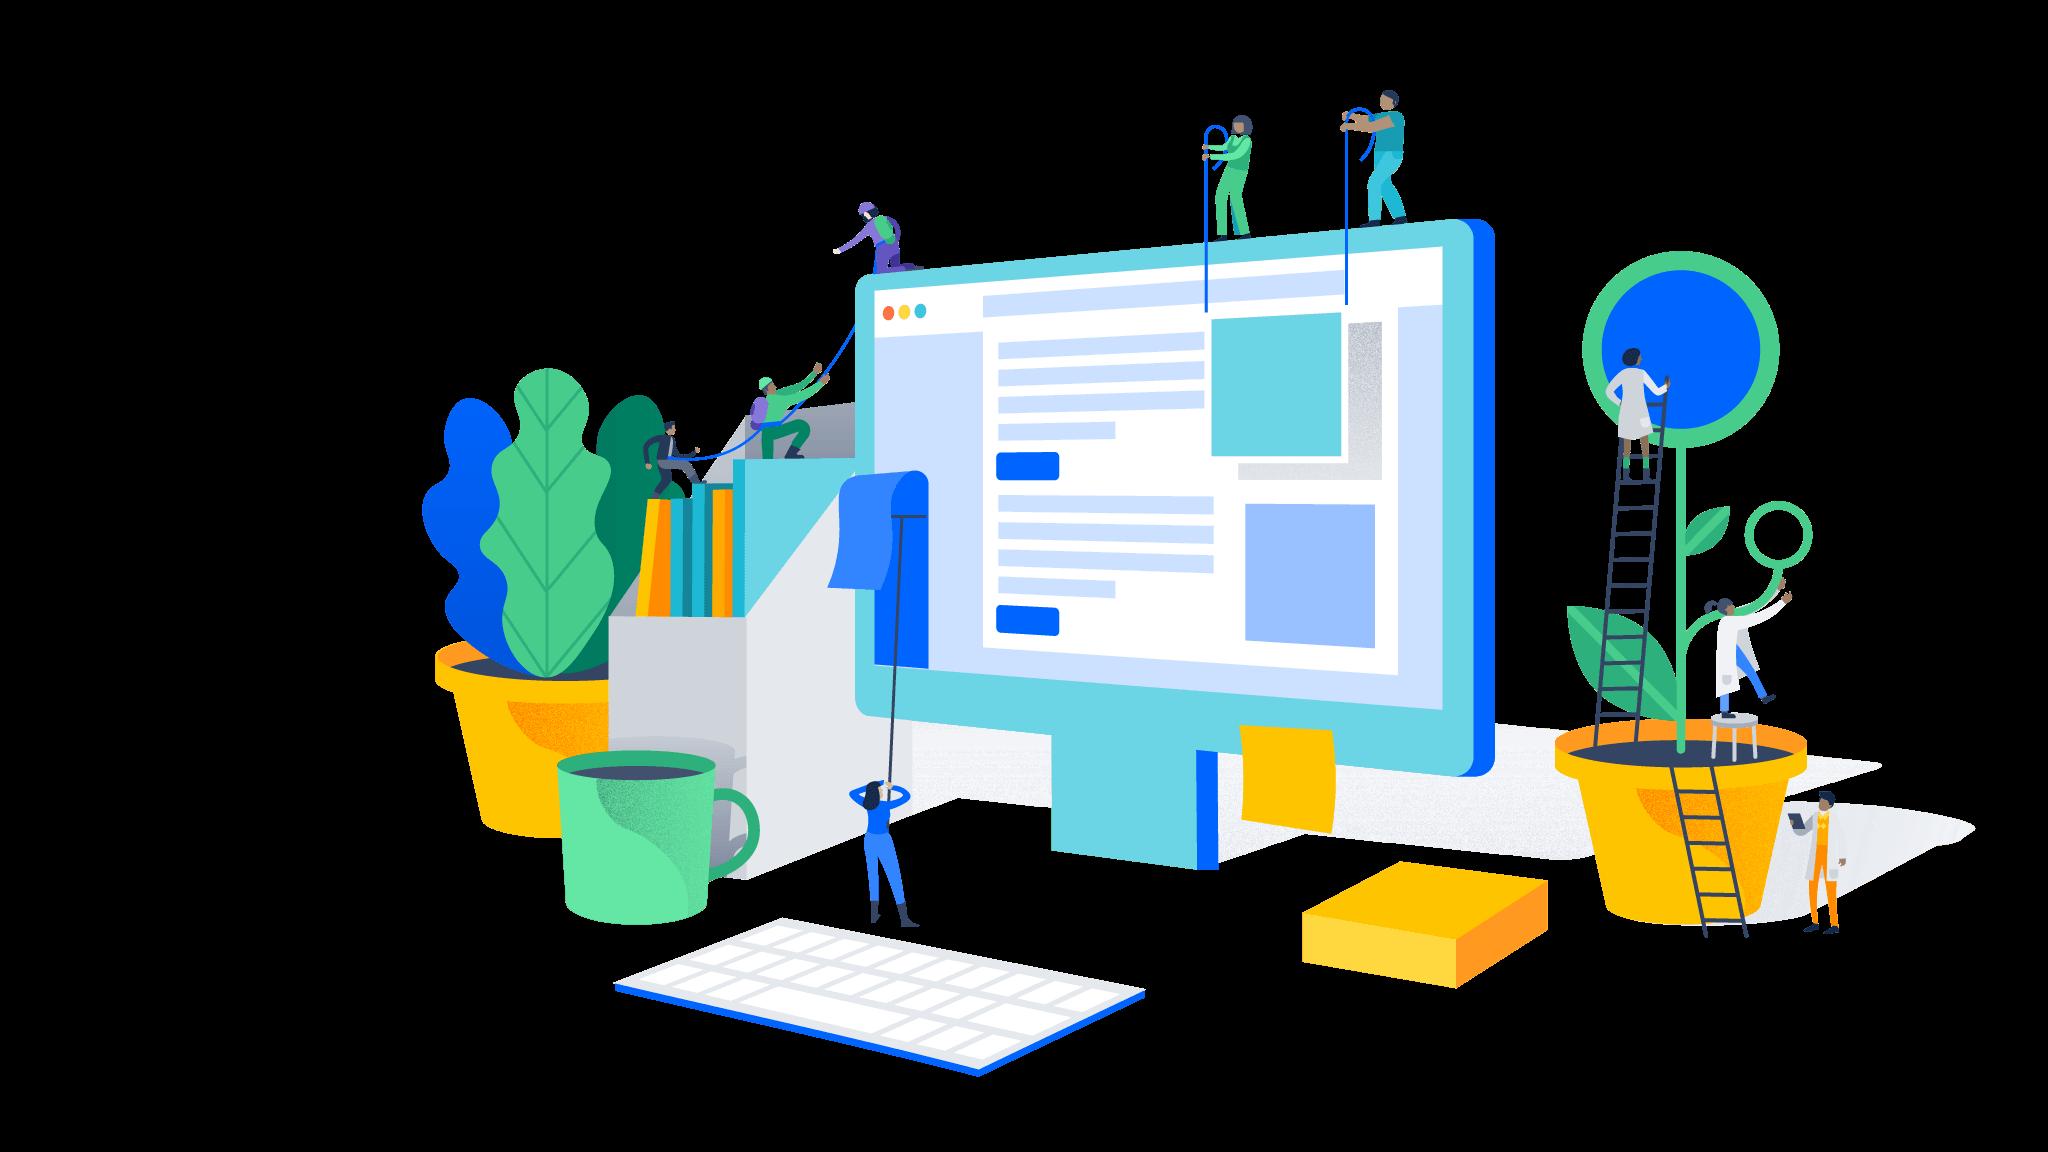 Apa yang dimaksud dengan Agile Roadmaps oleh Atlassian ...